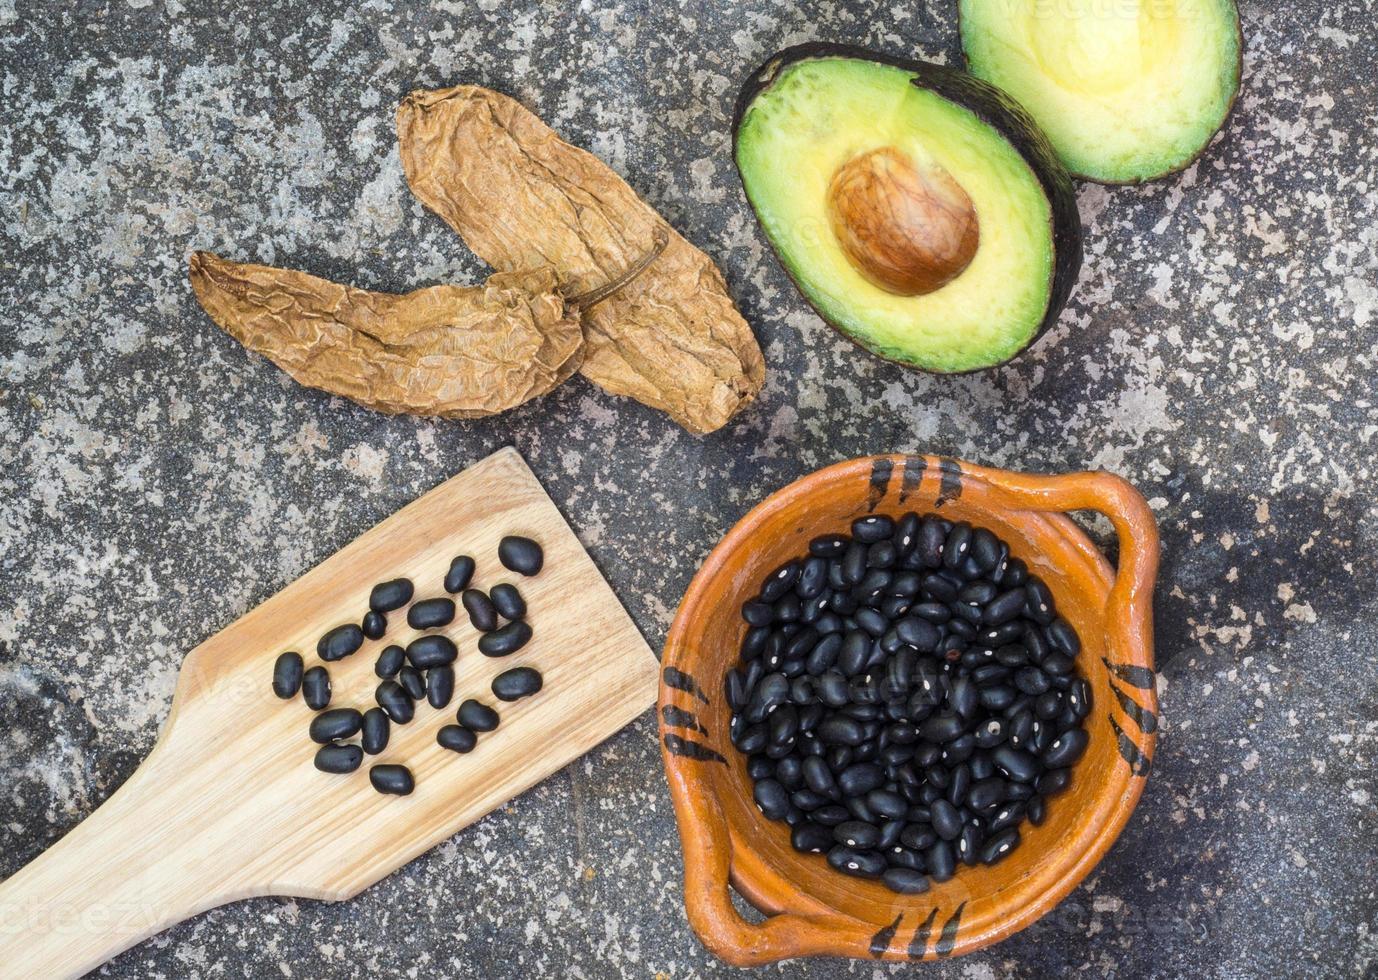 avocat, piments chili et haricots noirs sur moulin à pierre photo